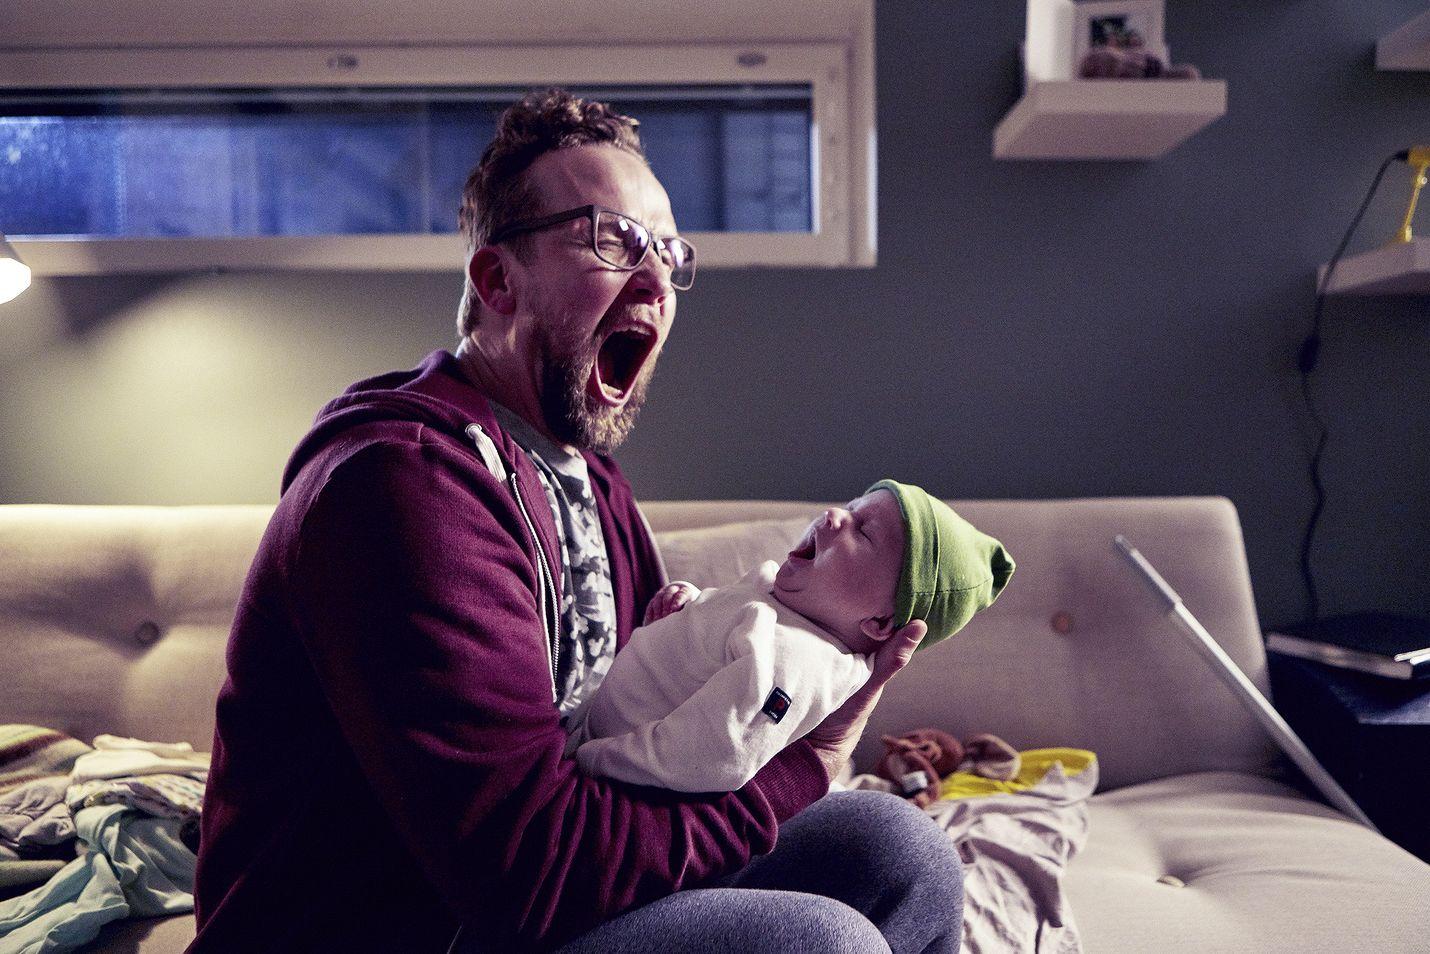 Eve Hietamiehen romaaniin perustuva Yösyöttö on komedia miehestä (Petteri Summanen), joka jää yllättäen vauvan kanssa kaksin.